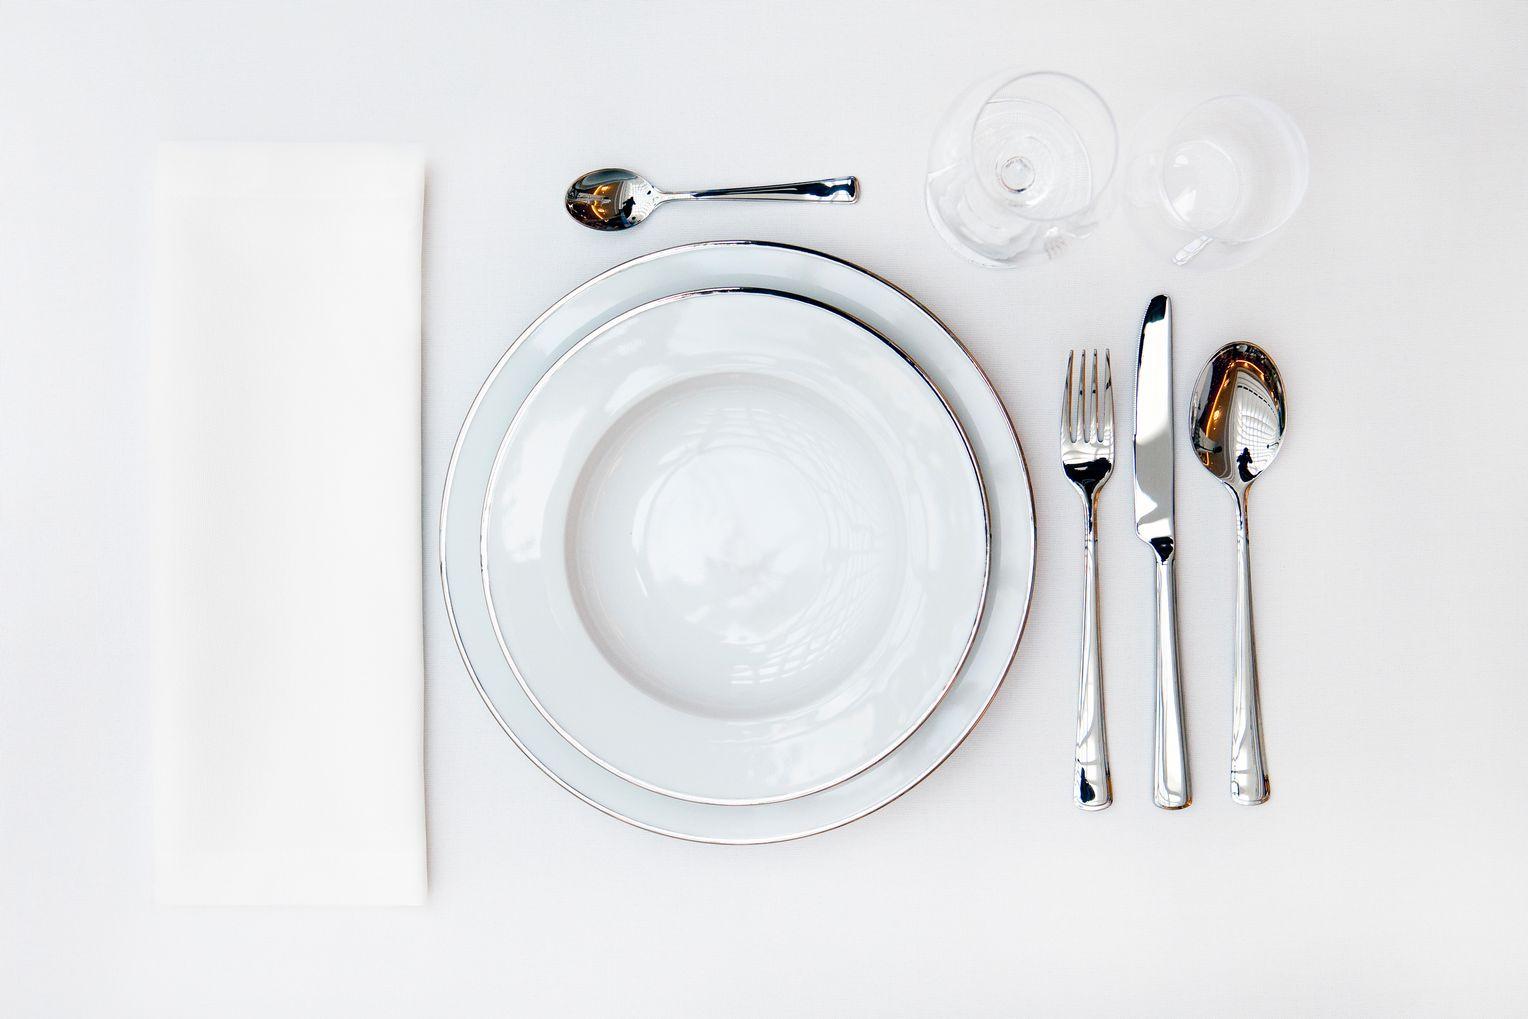 Tisch decken wie ein Profi: Festlich tafeln an Silvester